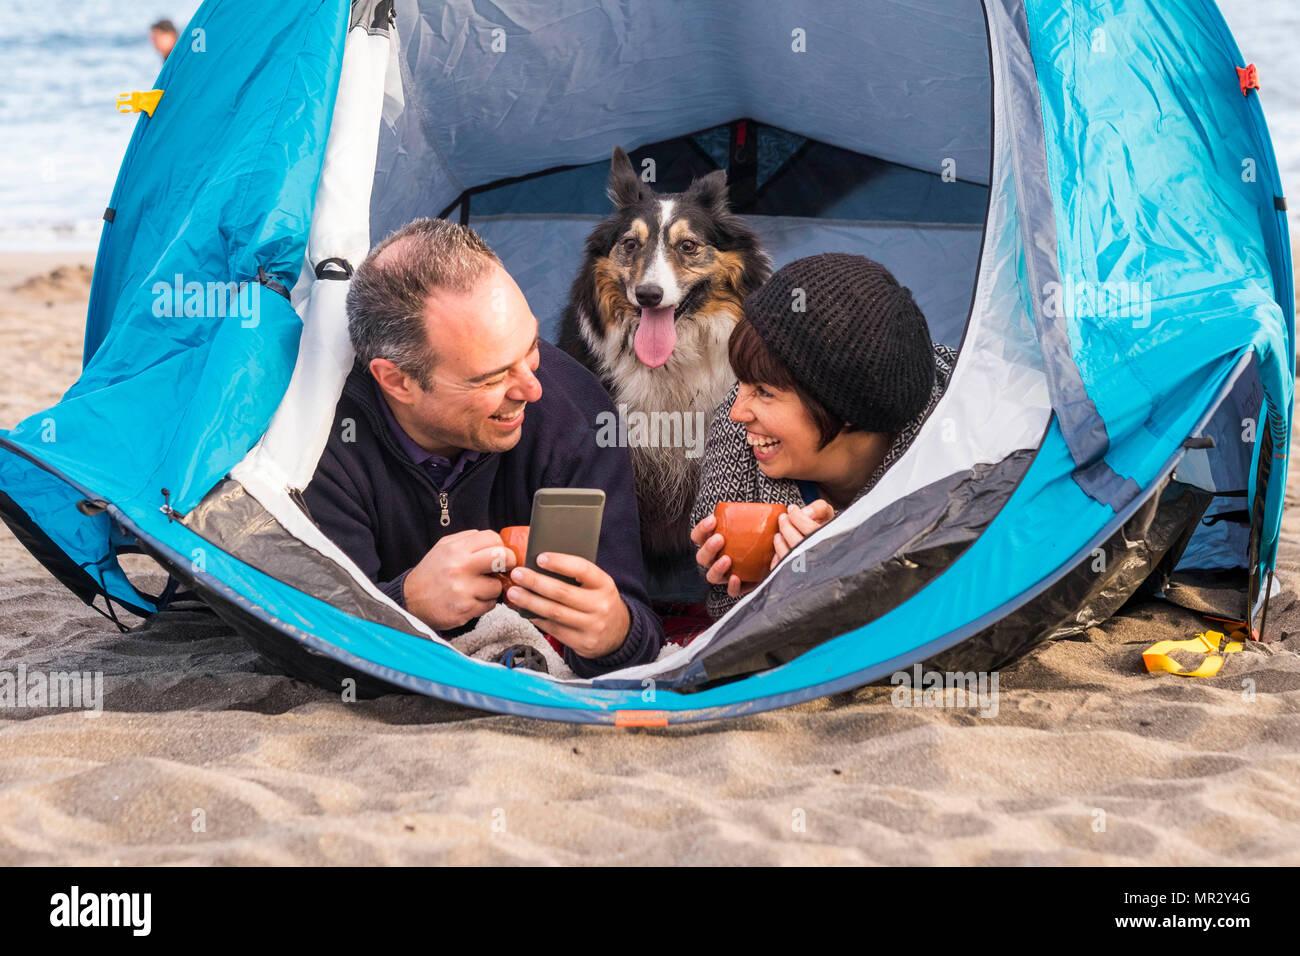 Belle belle paople avec chiot mignon à l'intérieur d'une tente à l'aide de téléphone portable pour envoyer un message ou prendre une photo. camping plage la liberté d'autres vacances j Photo Stock